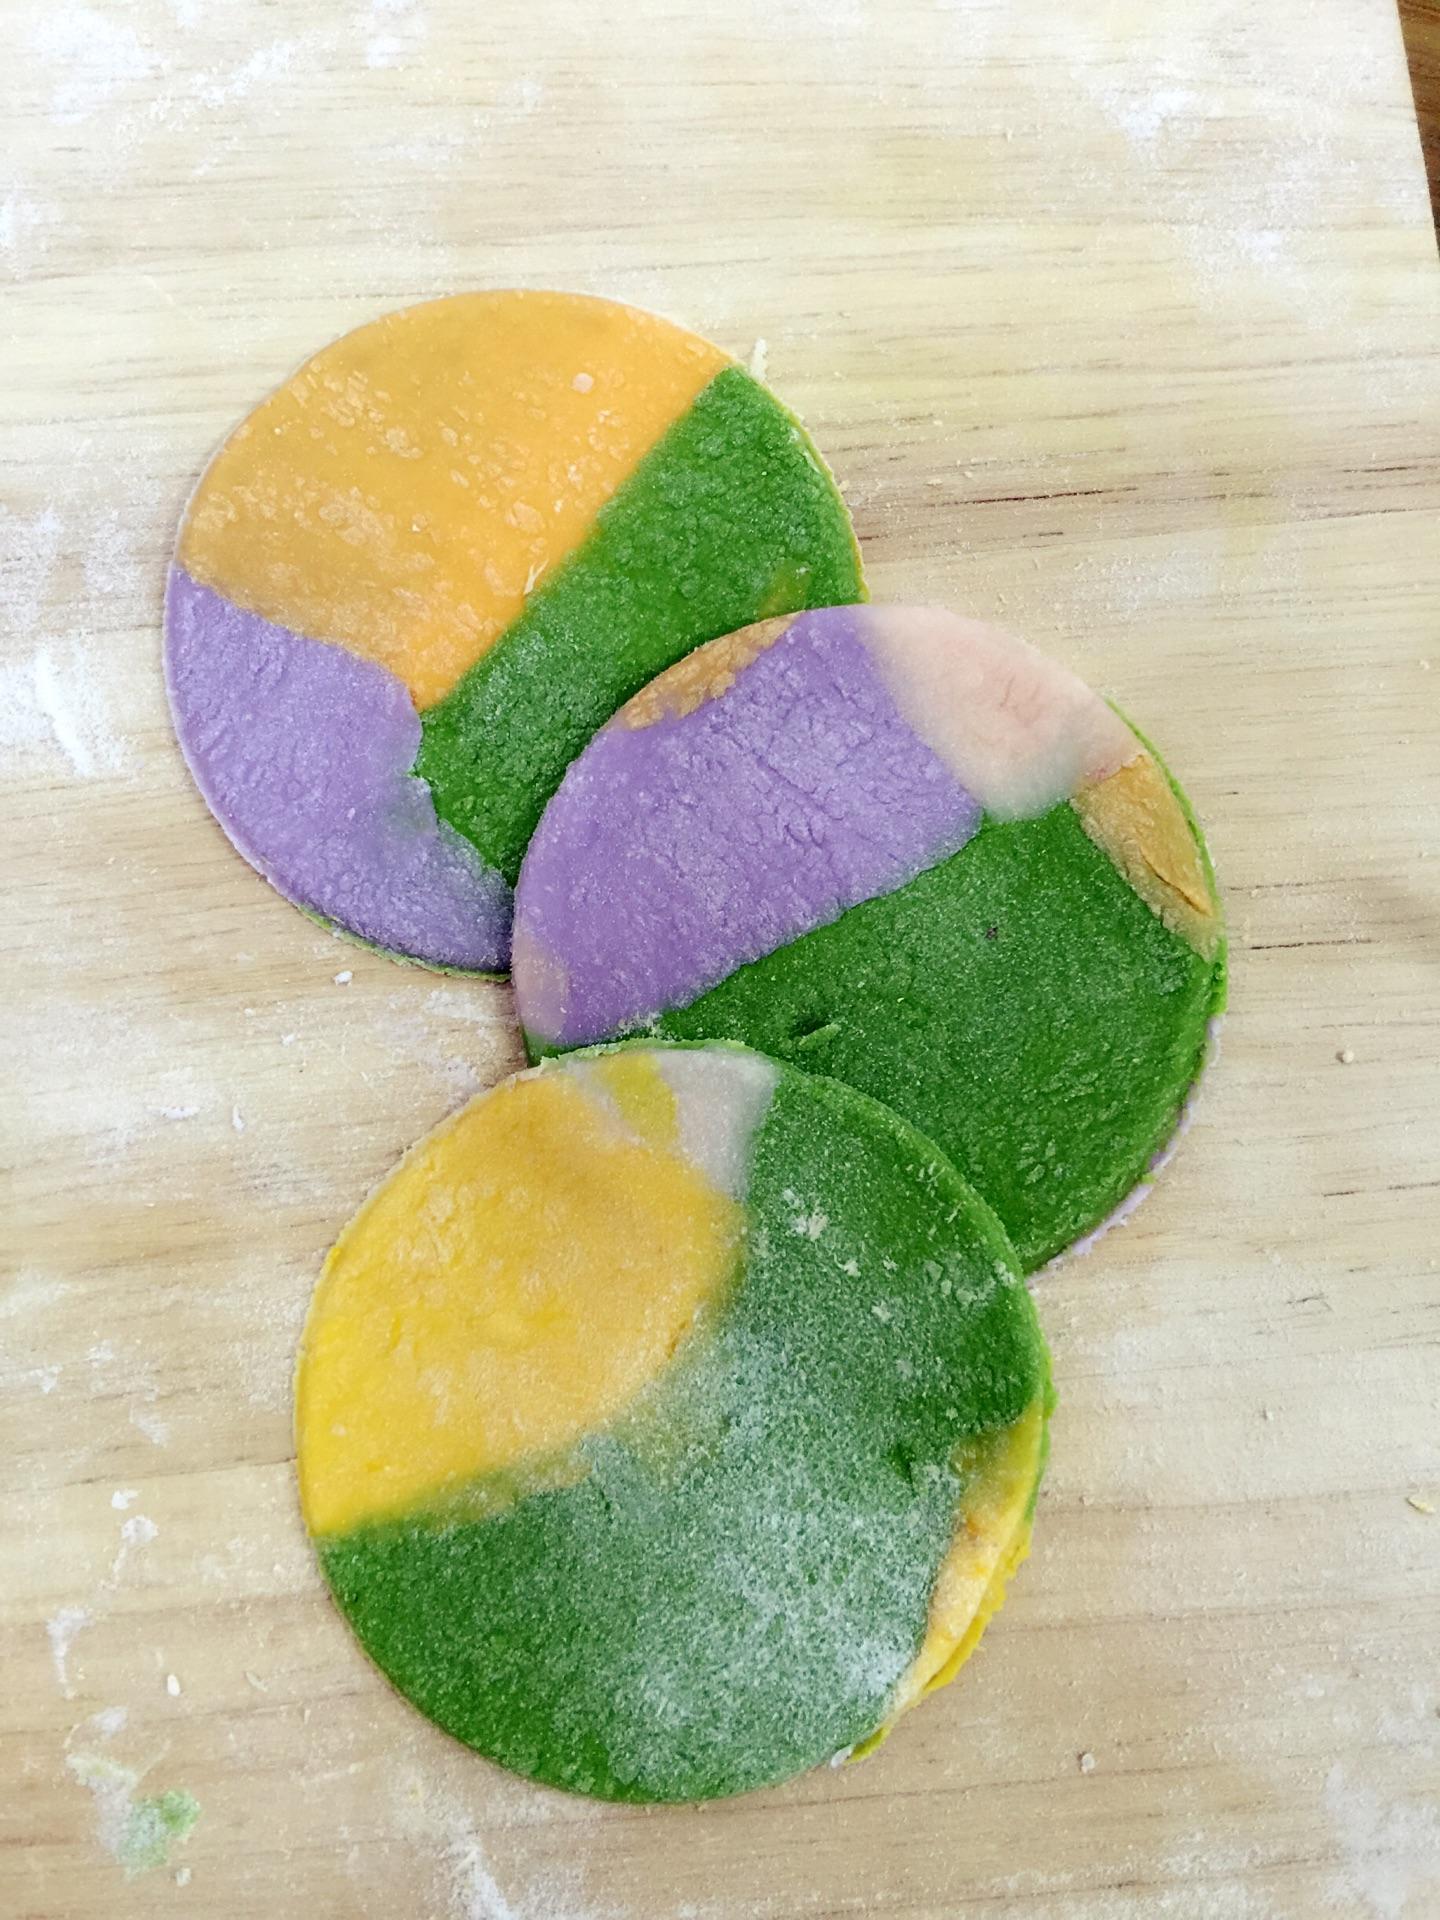 彩虹饺子的做法步骤